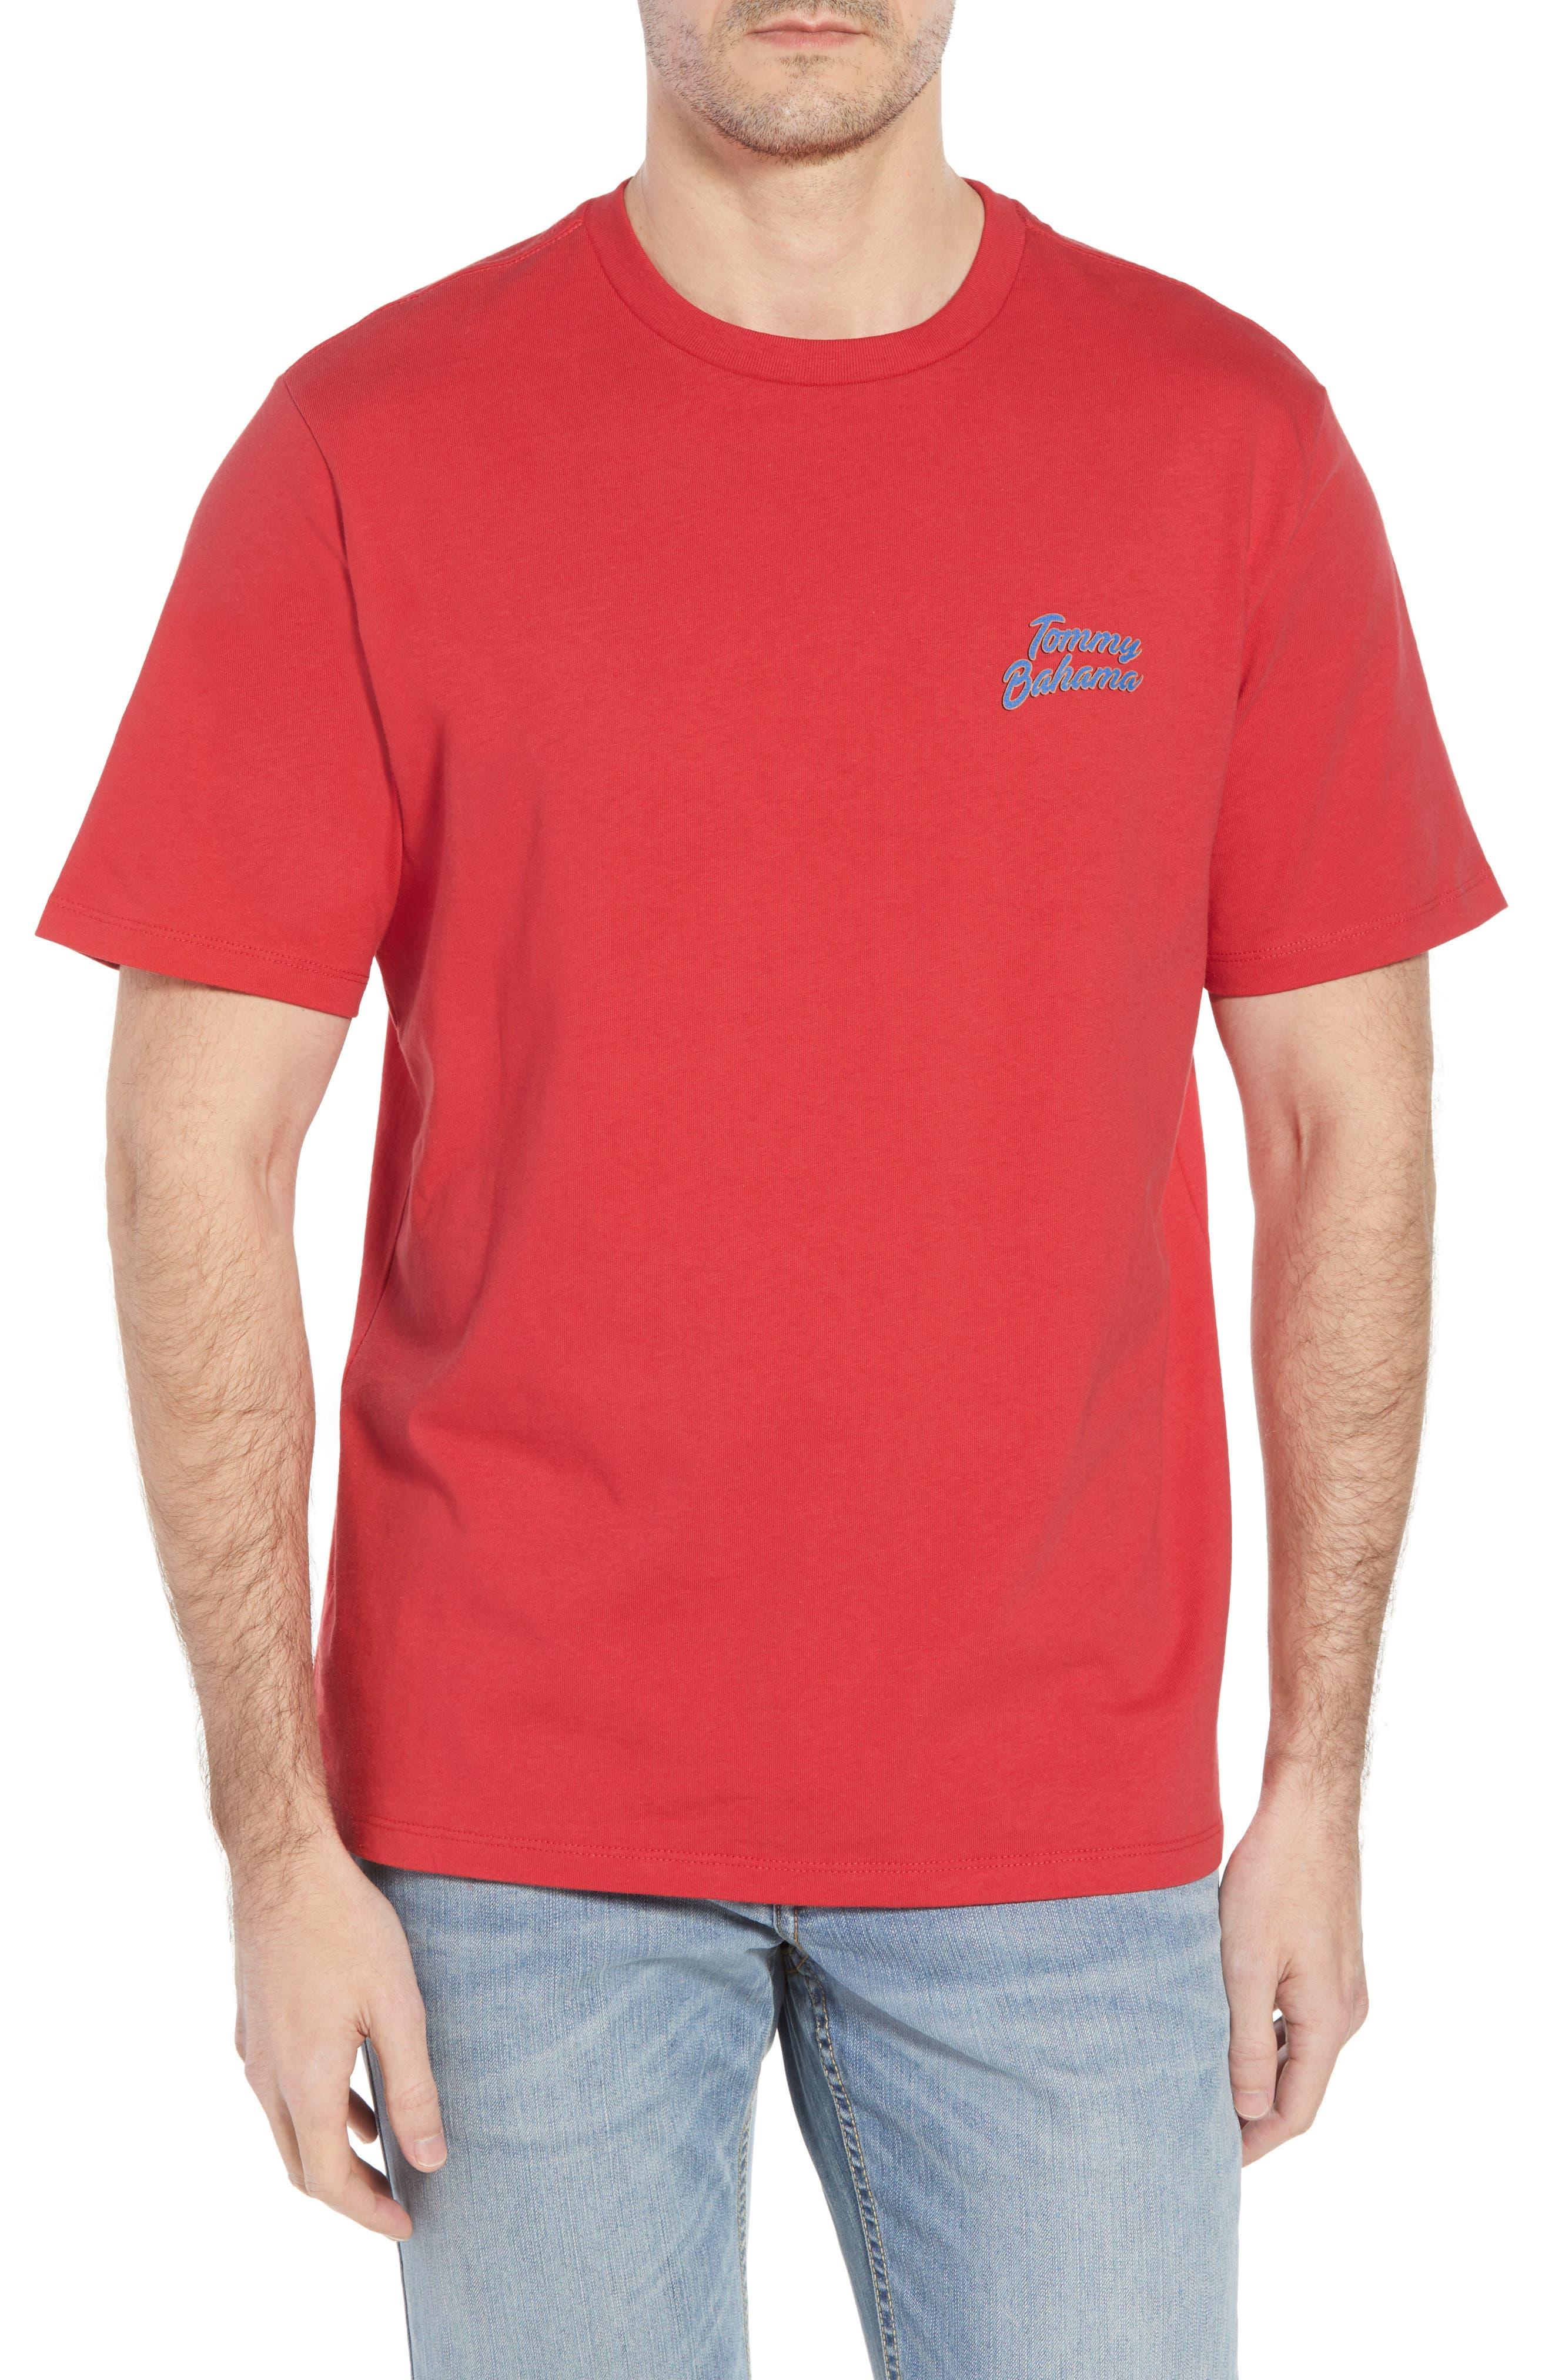 Thirst Base Graphic T-Shirt,                             Main thumbnail 1, color,                             600